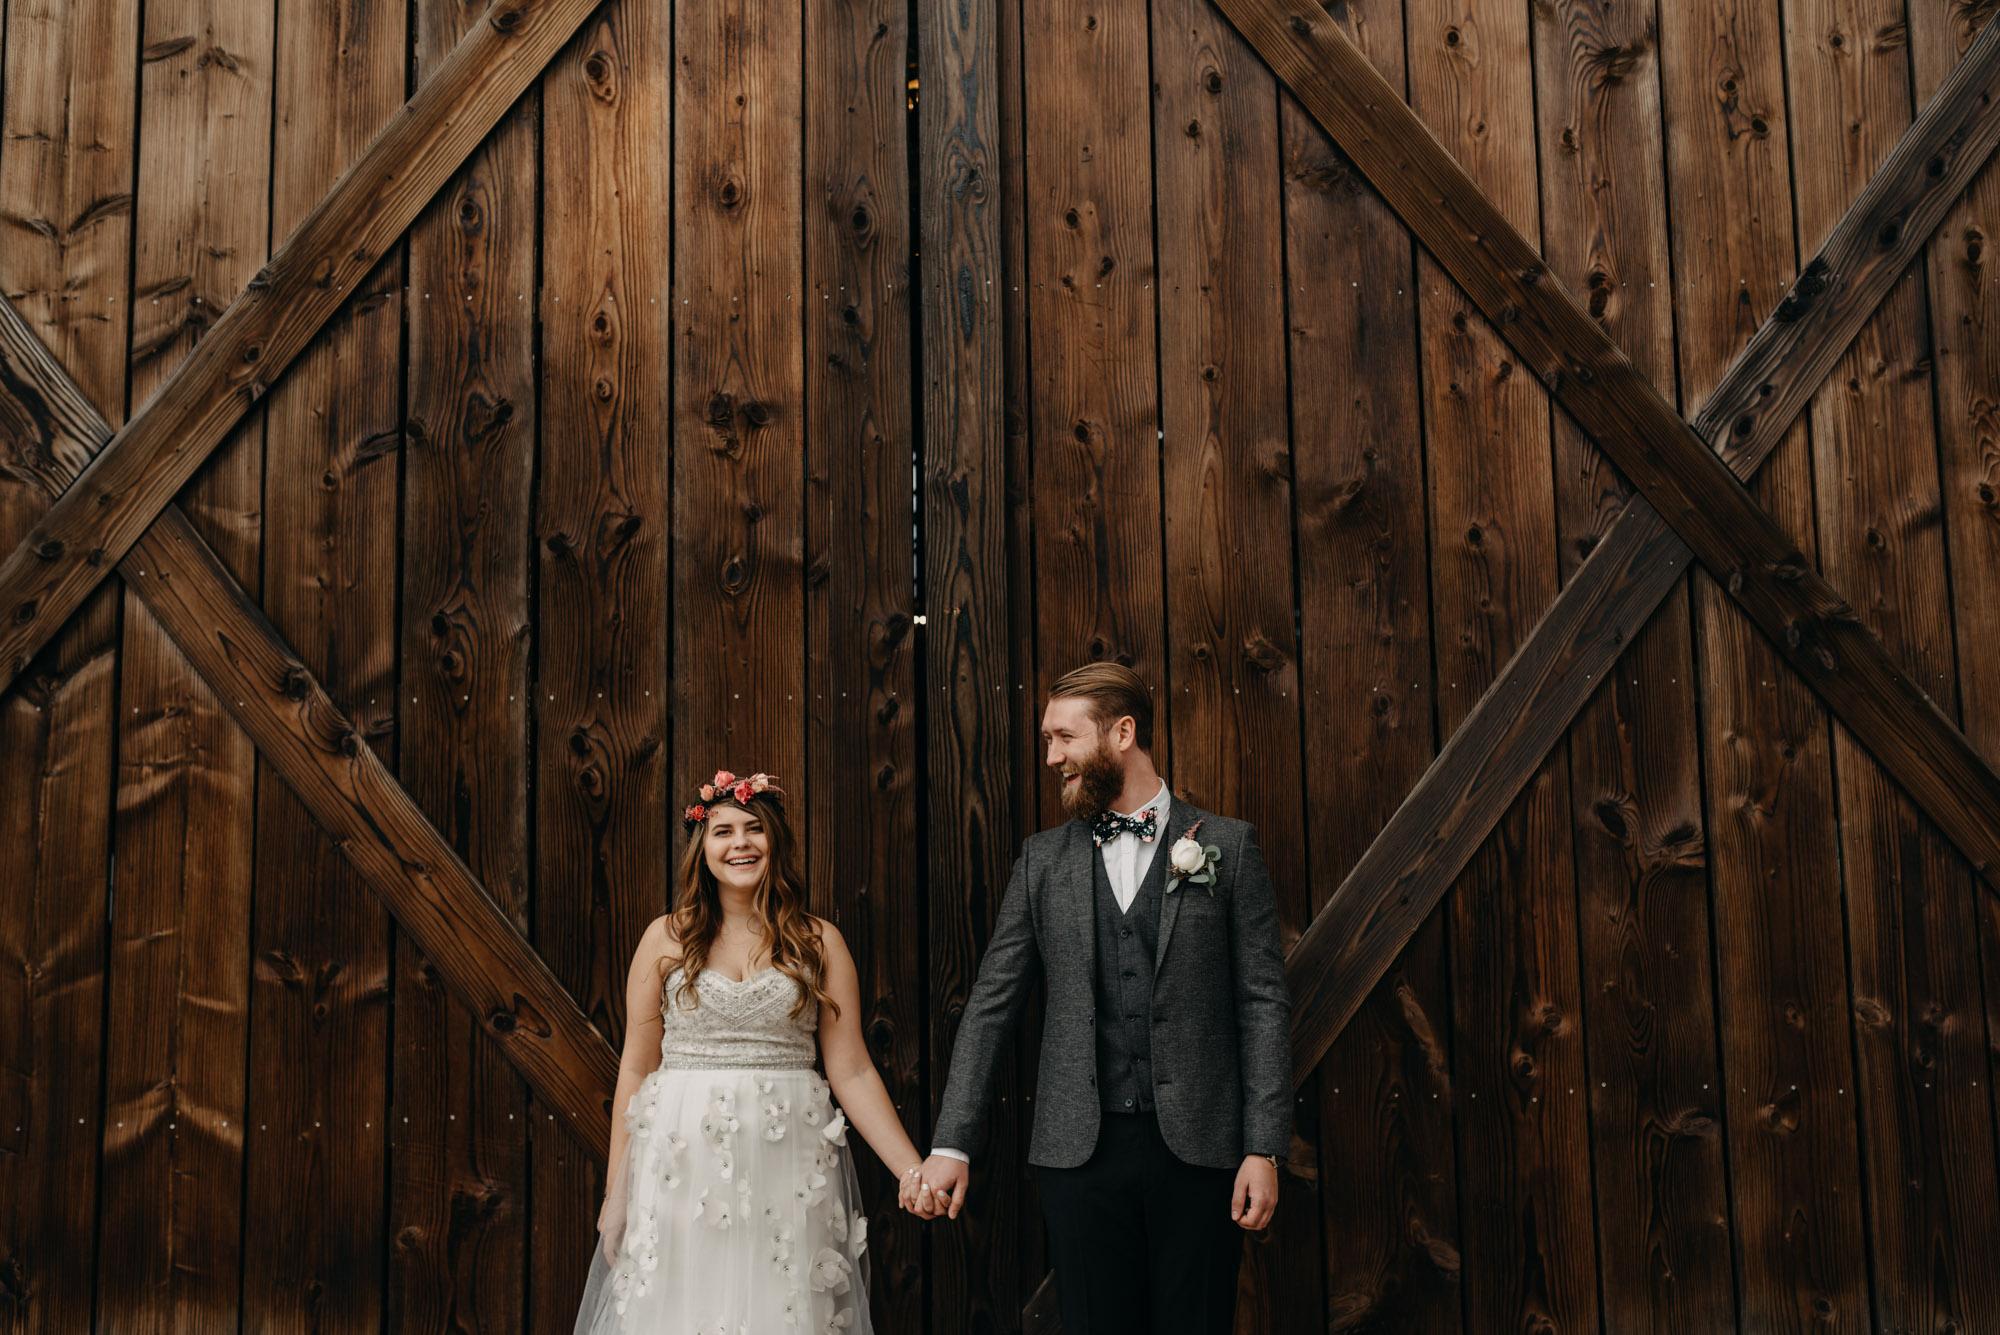 Outdoor-First-Look-Washington-Wedding-Barn-Door-8153.jpg